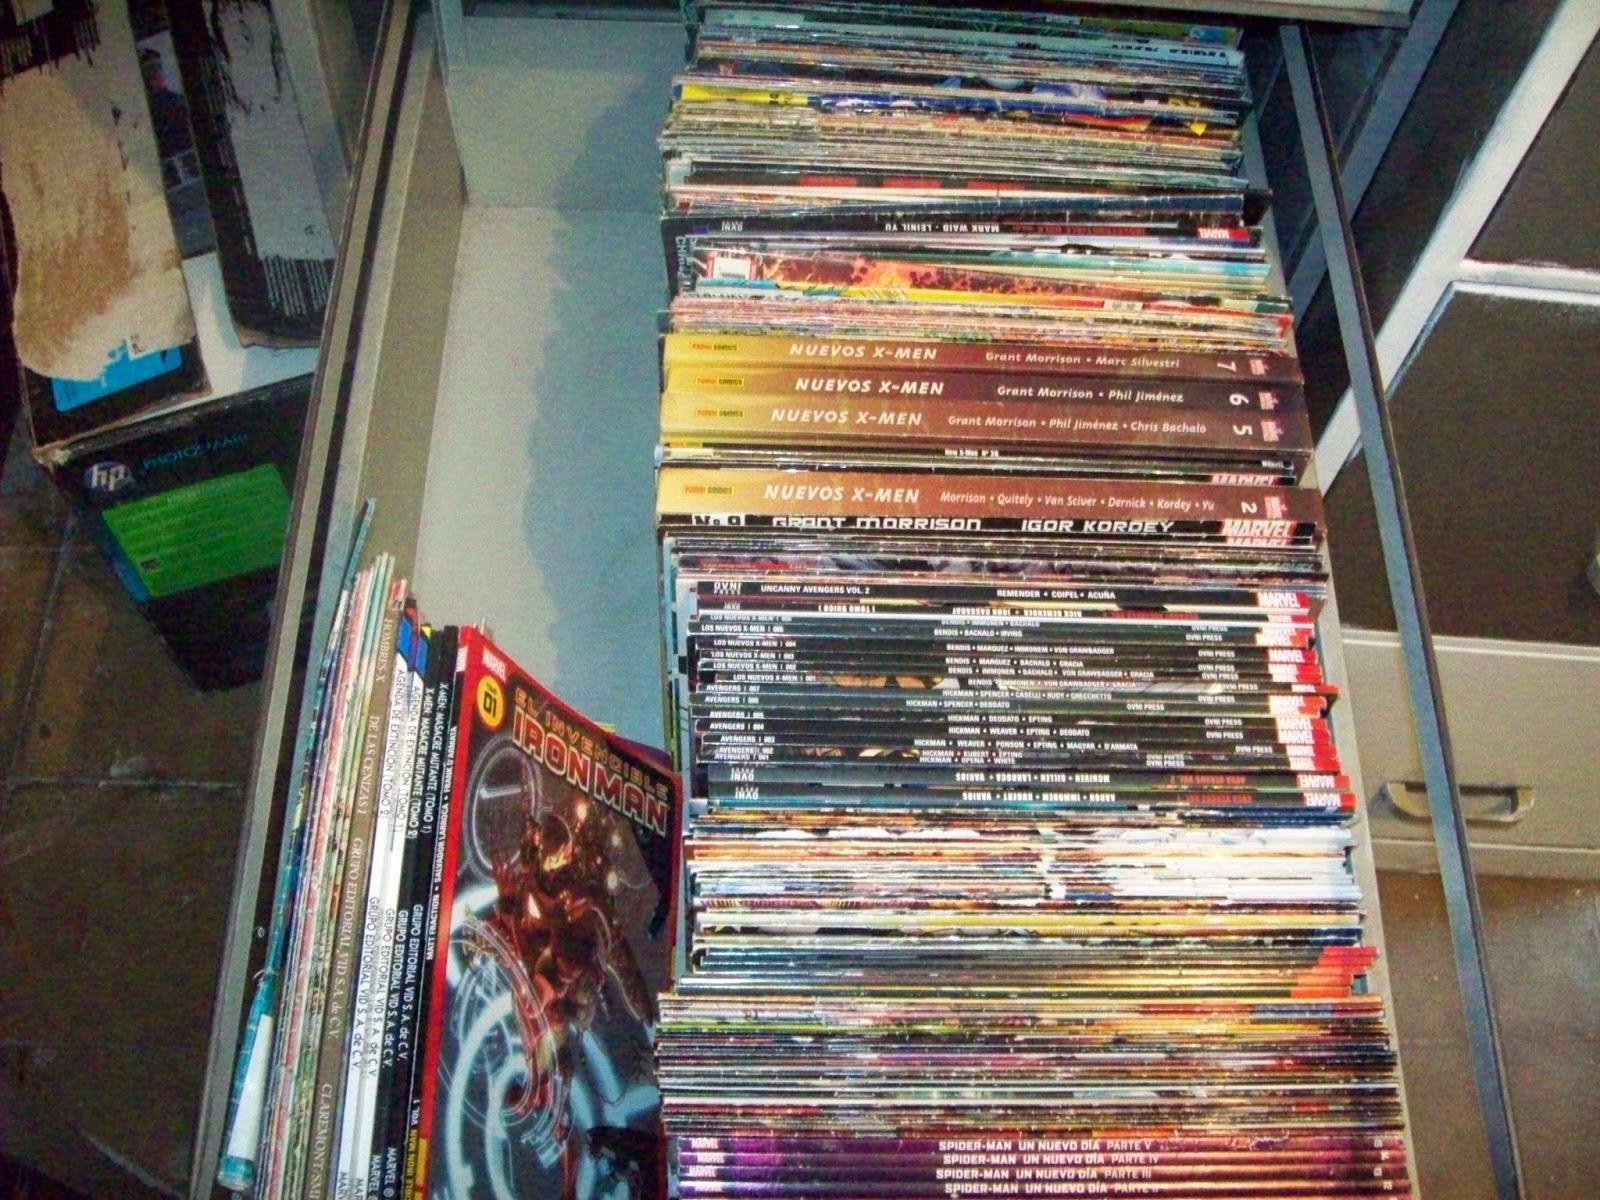 [COMICS] Colecciones de Comics ¿Quién la tiene más grande?  - Página 6 100_5560